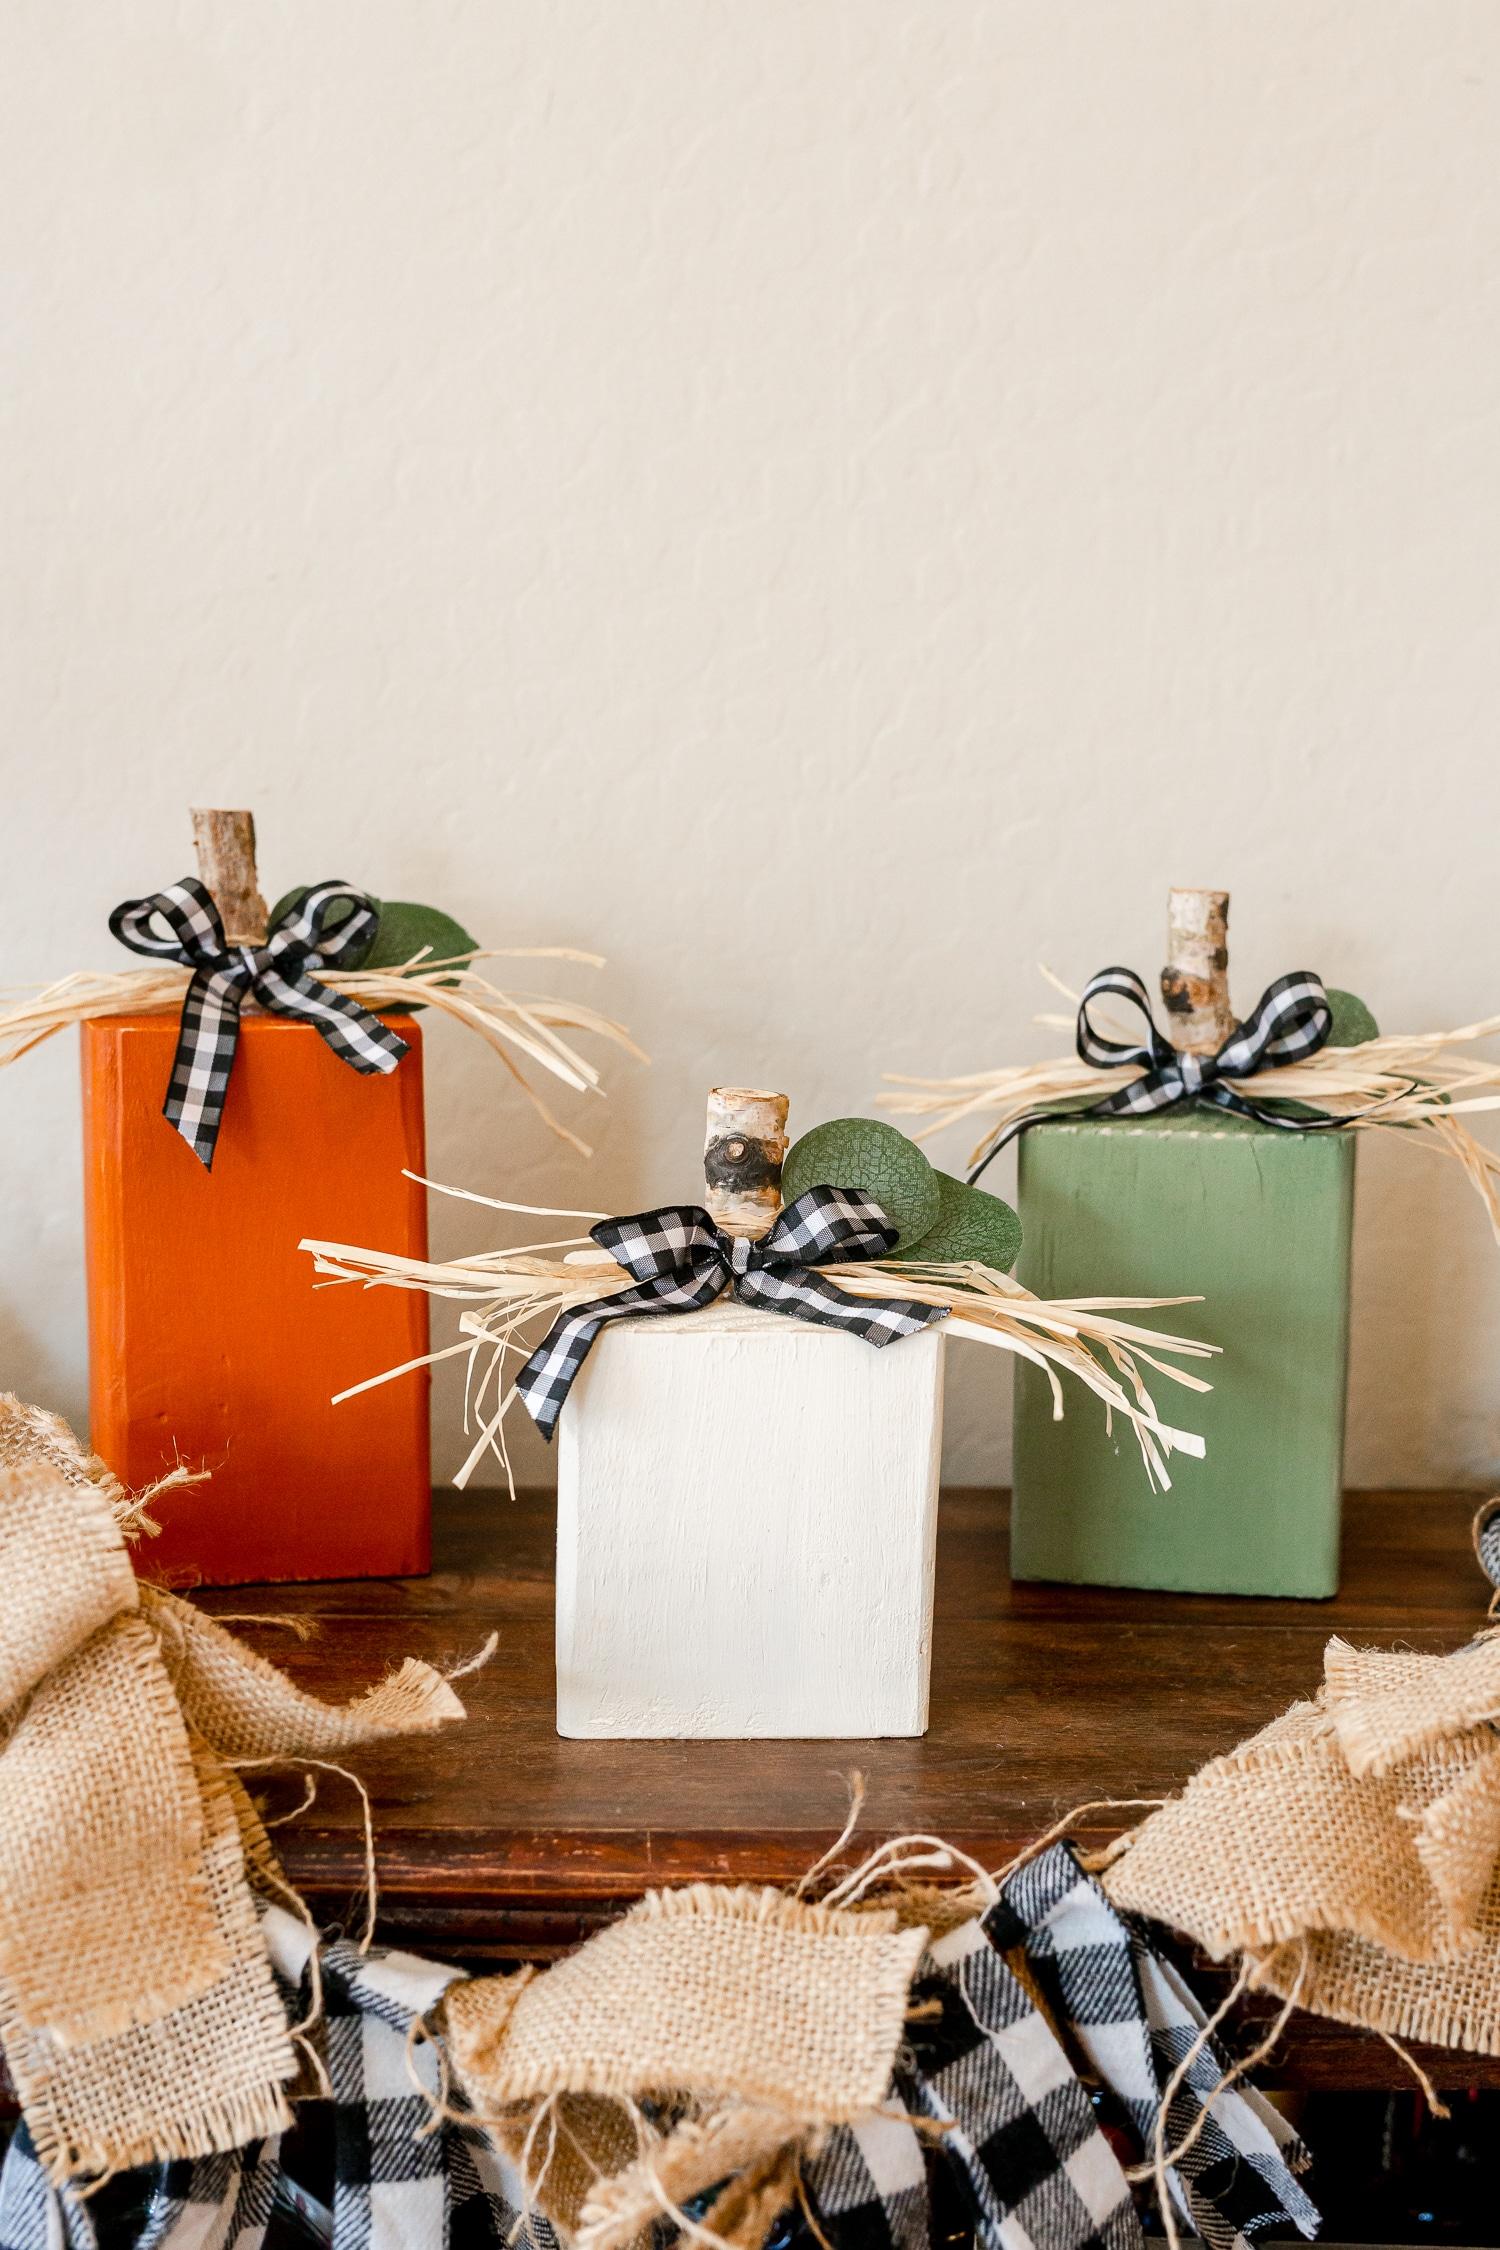 4 x 4 Wooden Pumpkins on Brown Shelf